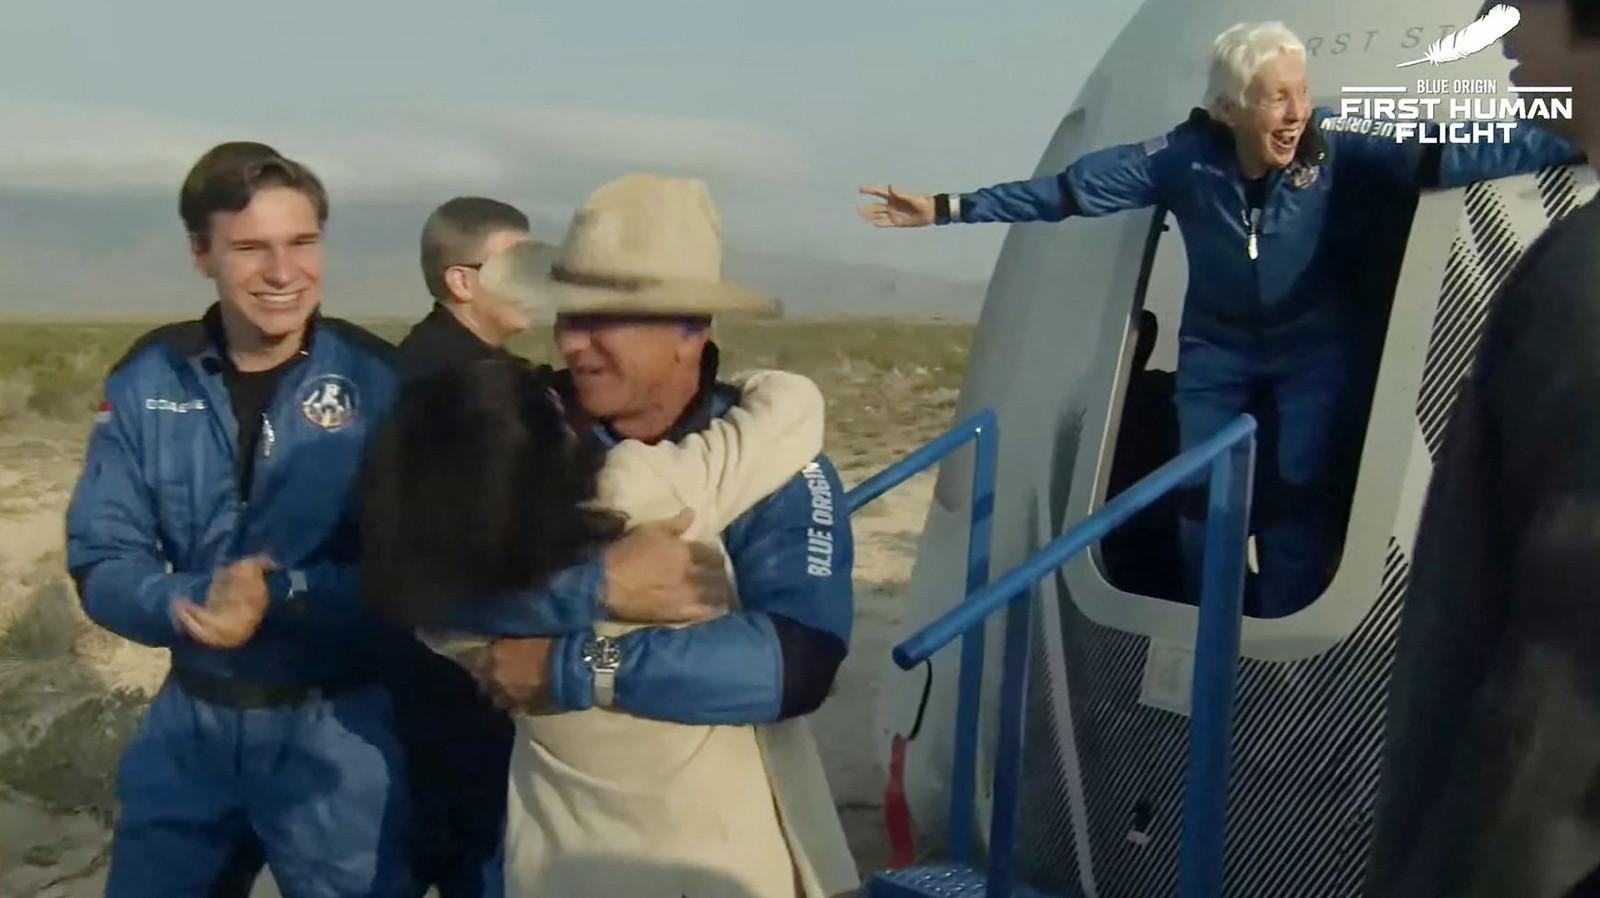 Oliver Daemen (links), Jeff Bezos (met hoed) en Wally Funk vlak nadat ze uit de ruimtecapsule zijn gestapt. Hun korte ruimtereis is geslaagd.